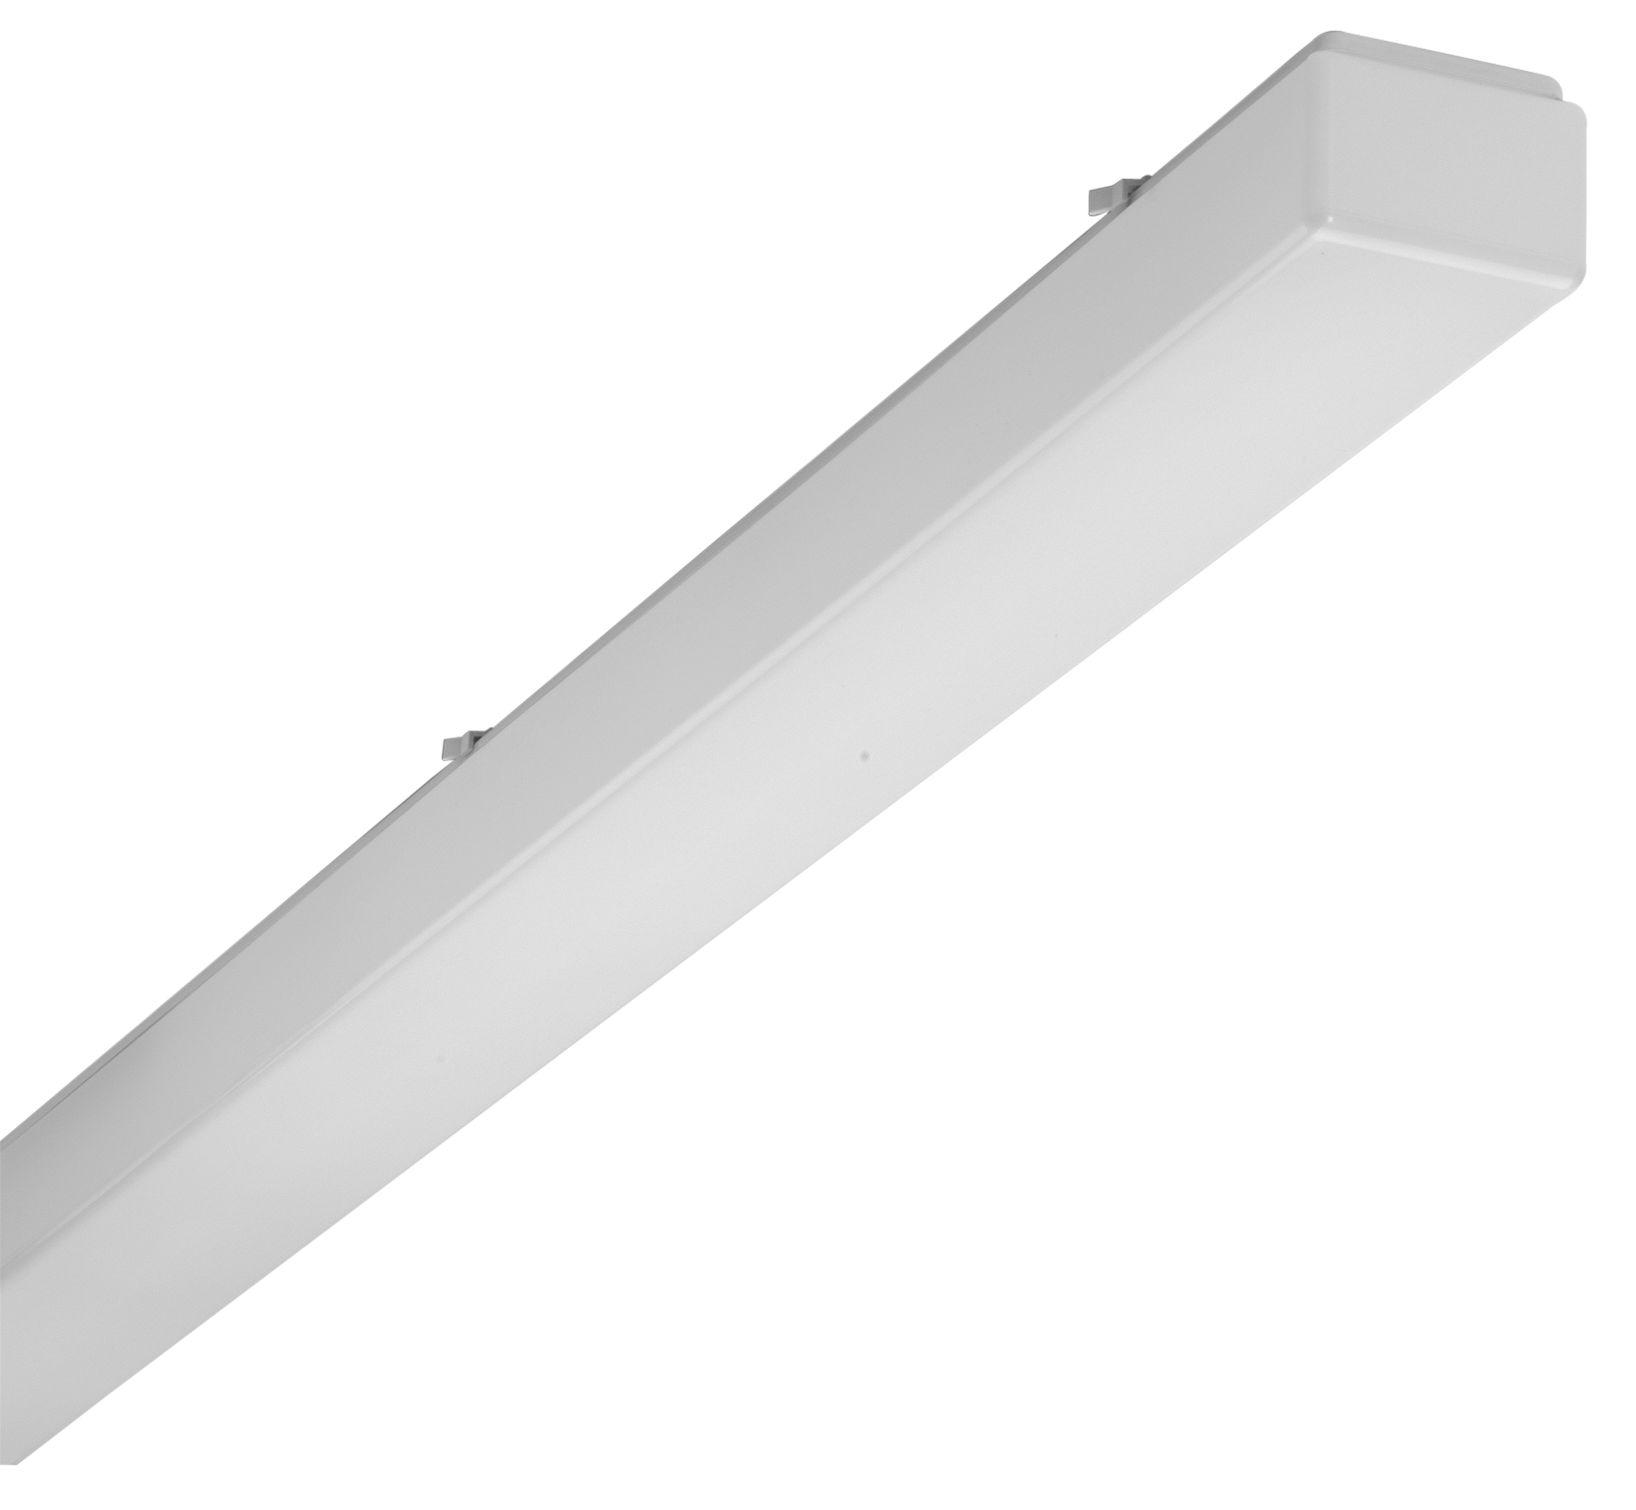 1 Stk AOTF-O T8 Wannenleuchte, 1x36W, EVG, IP50, acryl, opal, Weiß LI71201562